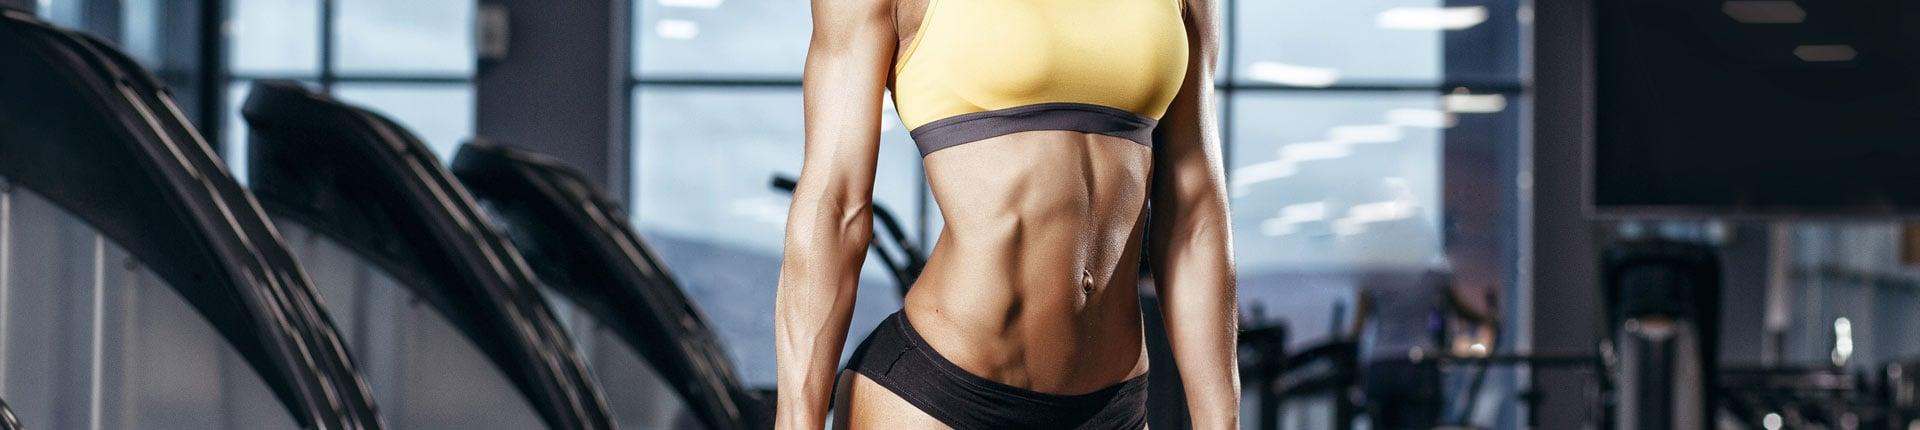 Profesjonalny trening dla kobiety: czego nie można pominąć?